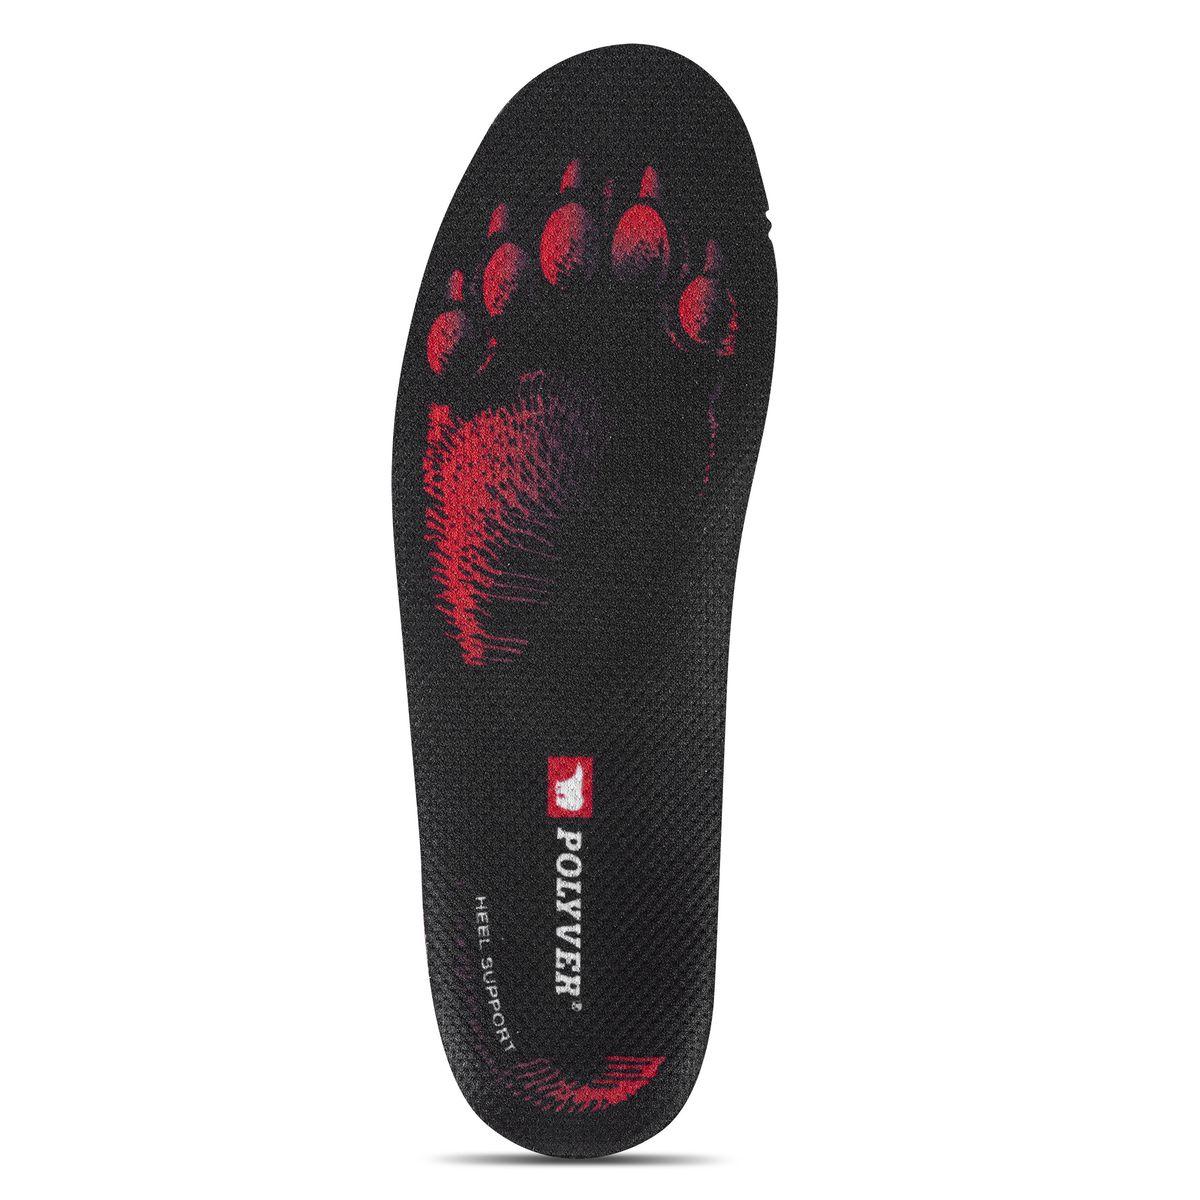 Стельки мужские Polyver Premium, цвет: красный, черный. Размер: 40-41AM-INSO-4Термоизоляционные стельки Polyver Premium отлично защищают ноги от холода при этом отводя лишнюю влагу. Стельки состоят из трех слоев: впитывающий влагу, амортизационный, термоизоляционный. Особенности:- анатомическая форма с поддержкой пятки- стабилизация стопы для уменьшения боли в суставах- повышает устойчивость и уменьшает усталость - производятся только в Швеции